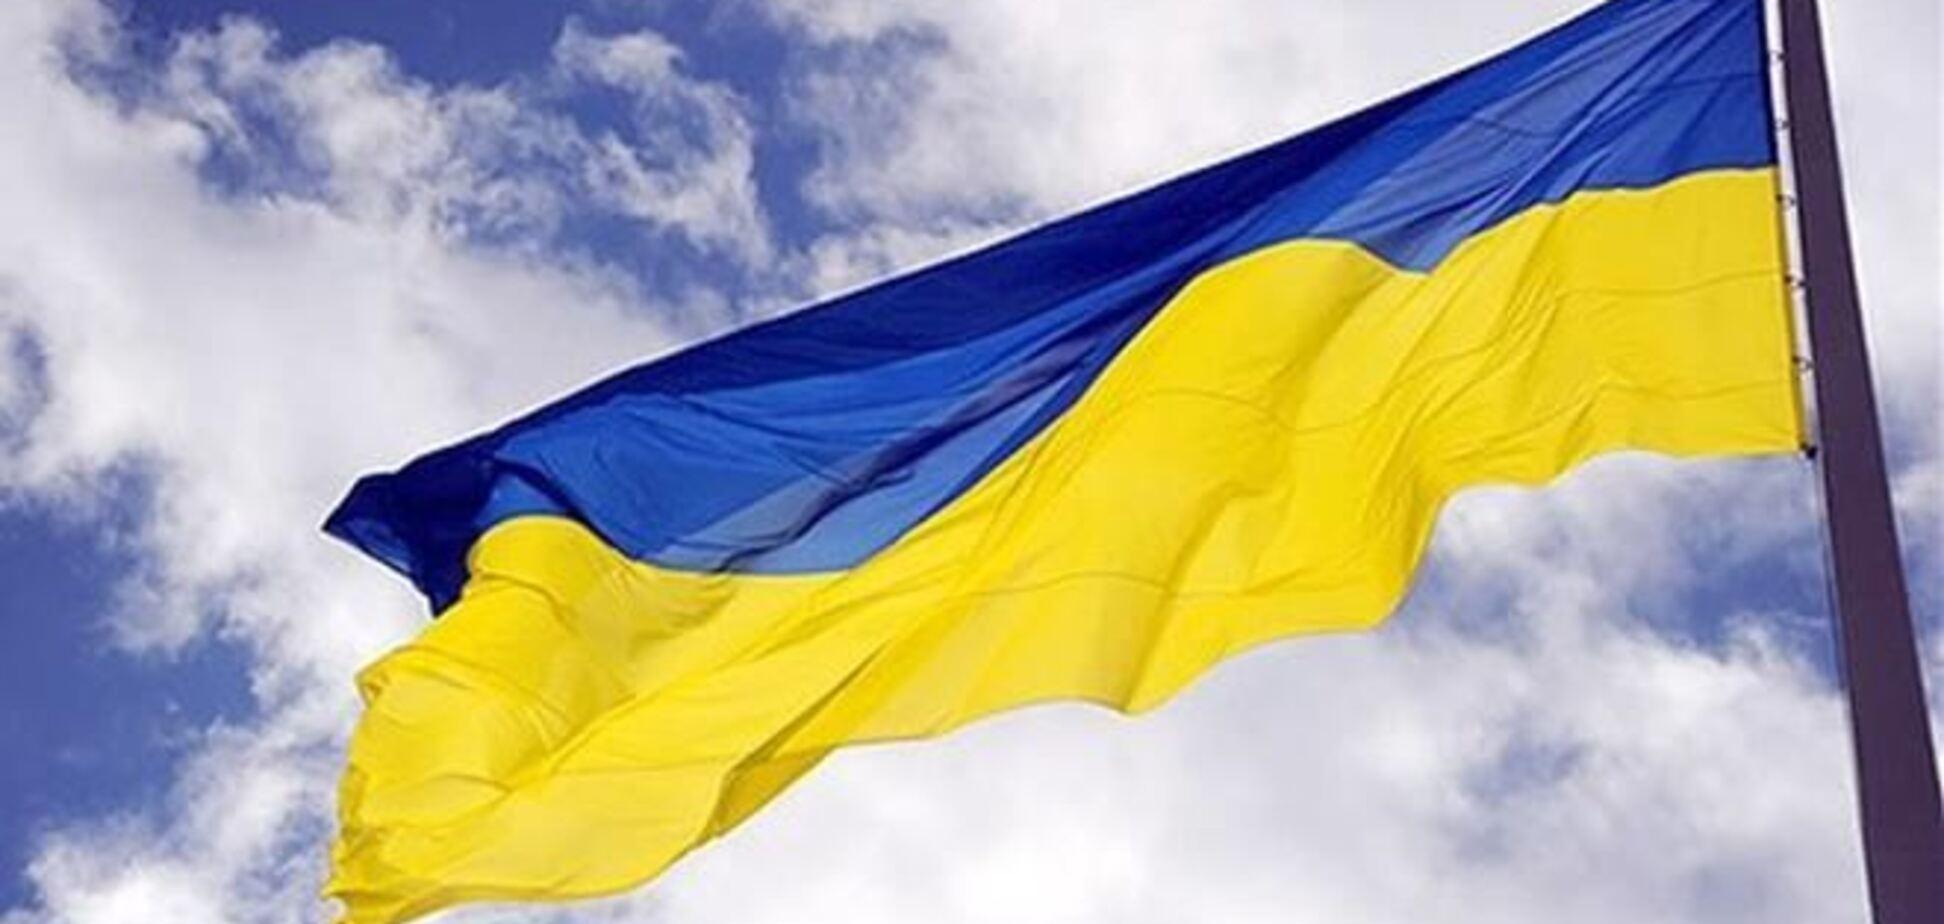 В Донецке угрожают сжечь офис кандидата в Президенты из-за флага Украины